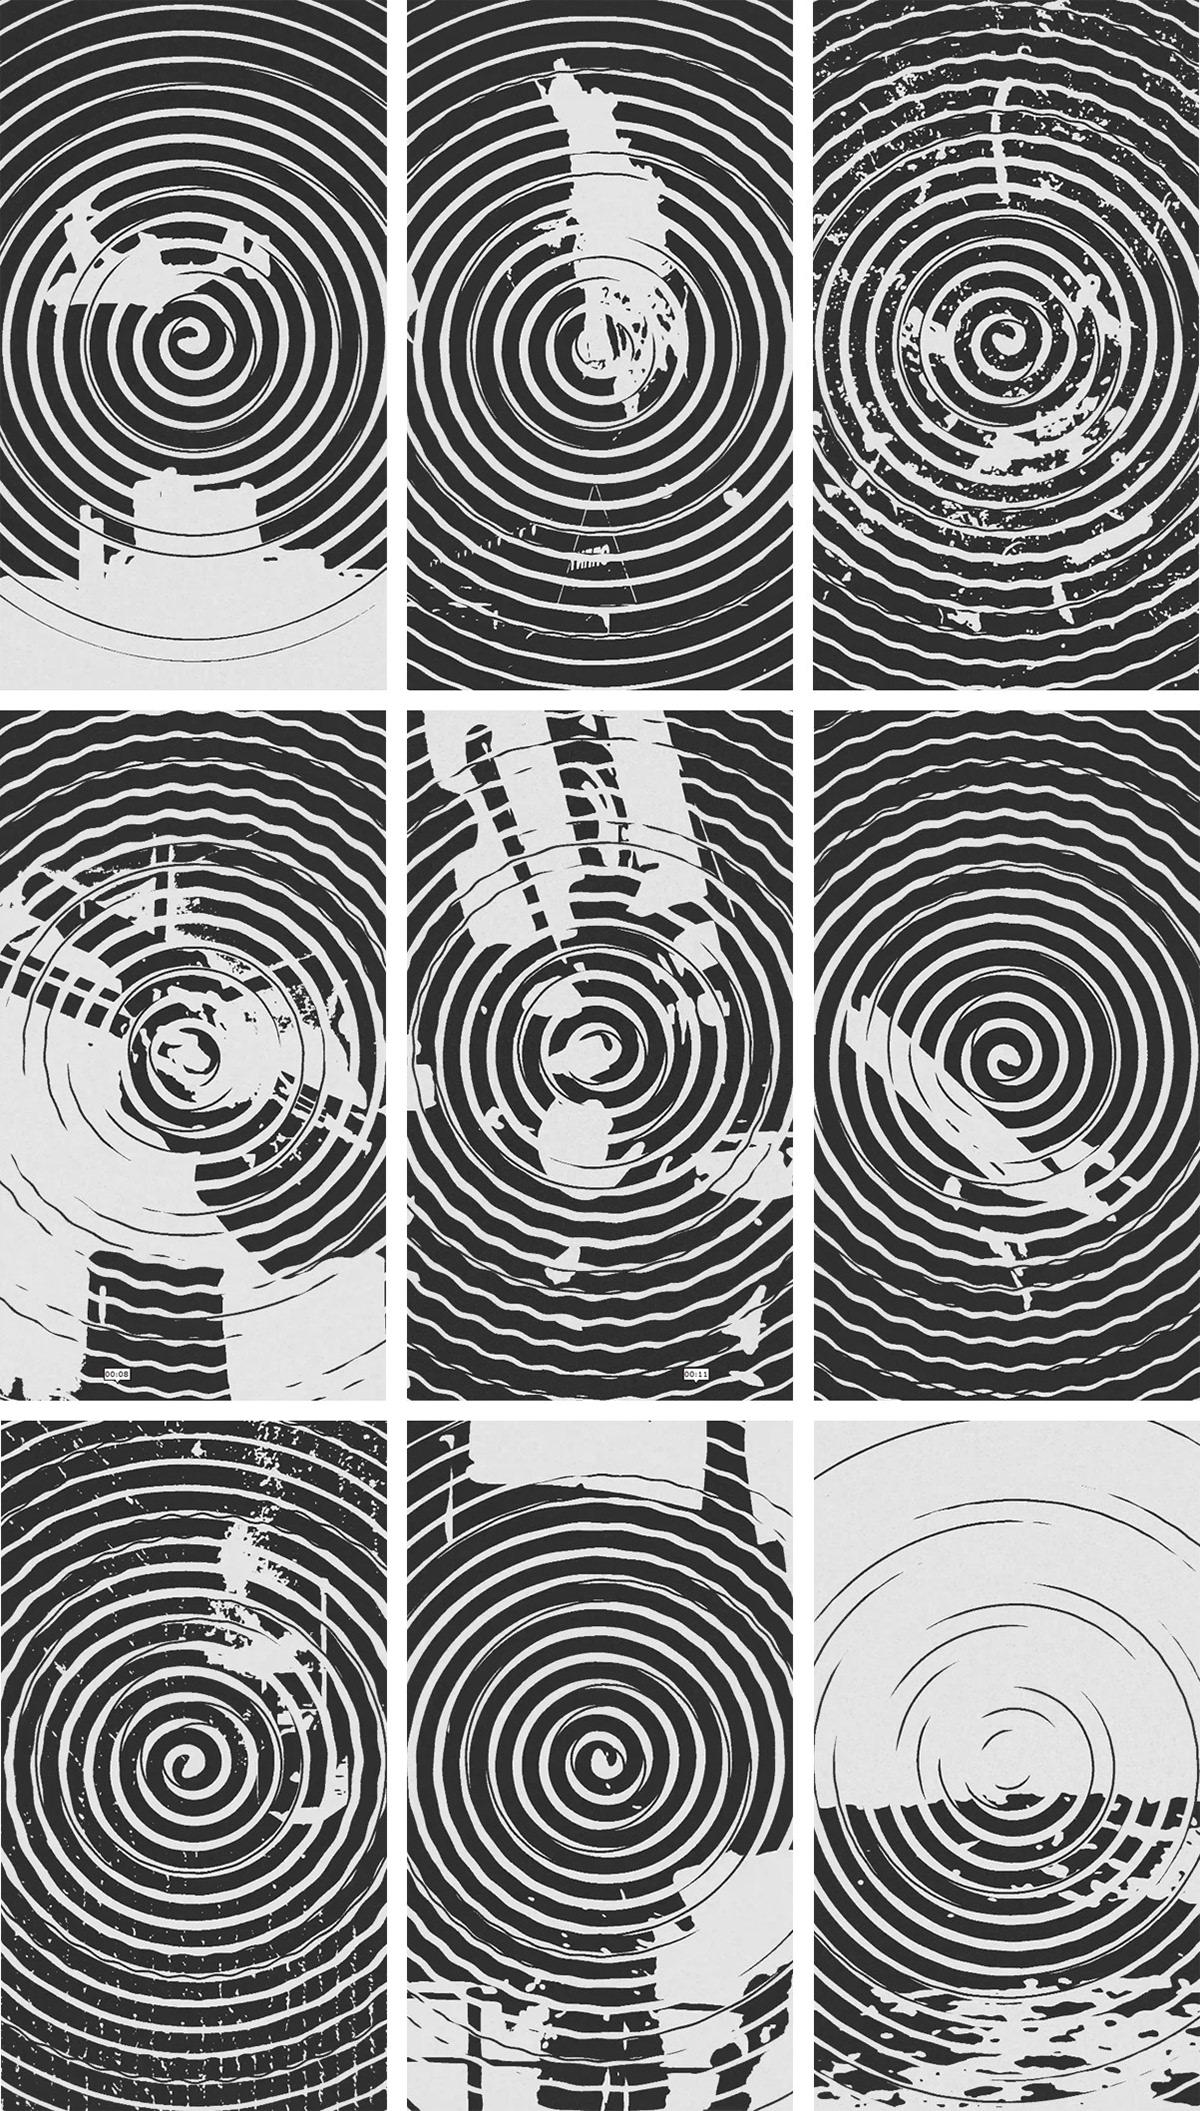 control controlar   espiral hipnosis Impacto jugar mente miedo nuevos medios tecnologia